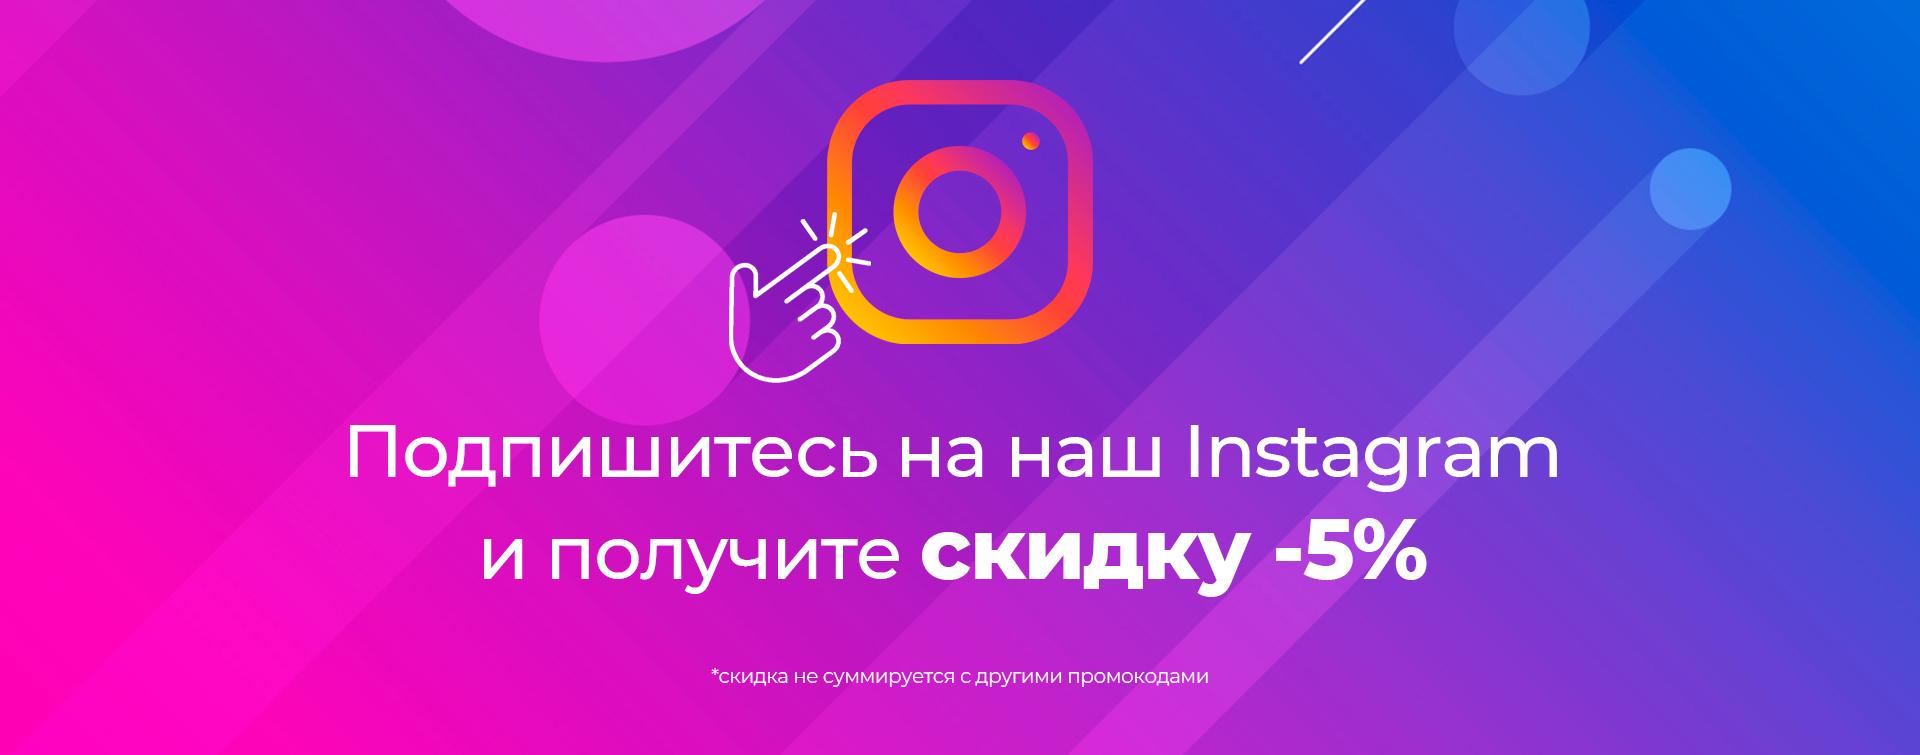 Подпишитесь на Instagram @amy.com.ua